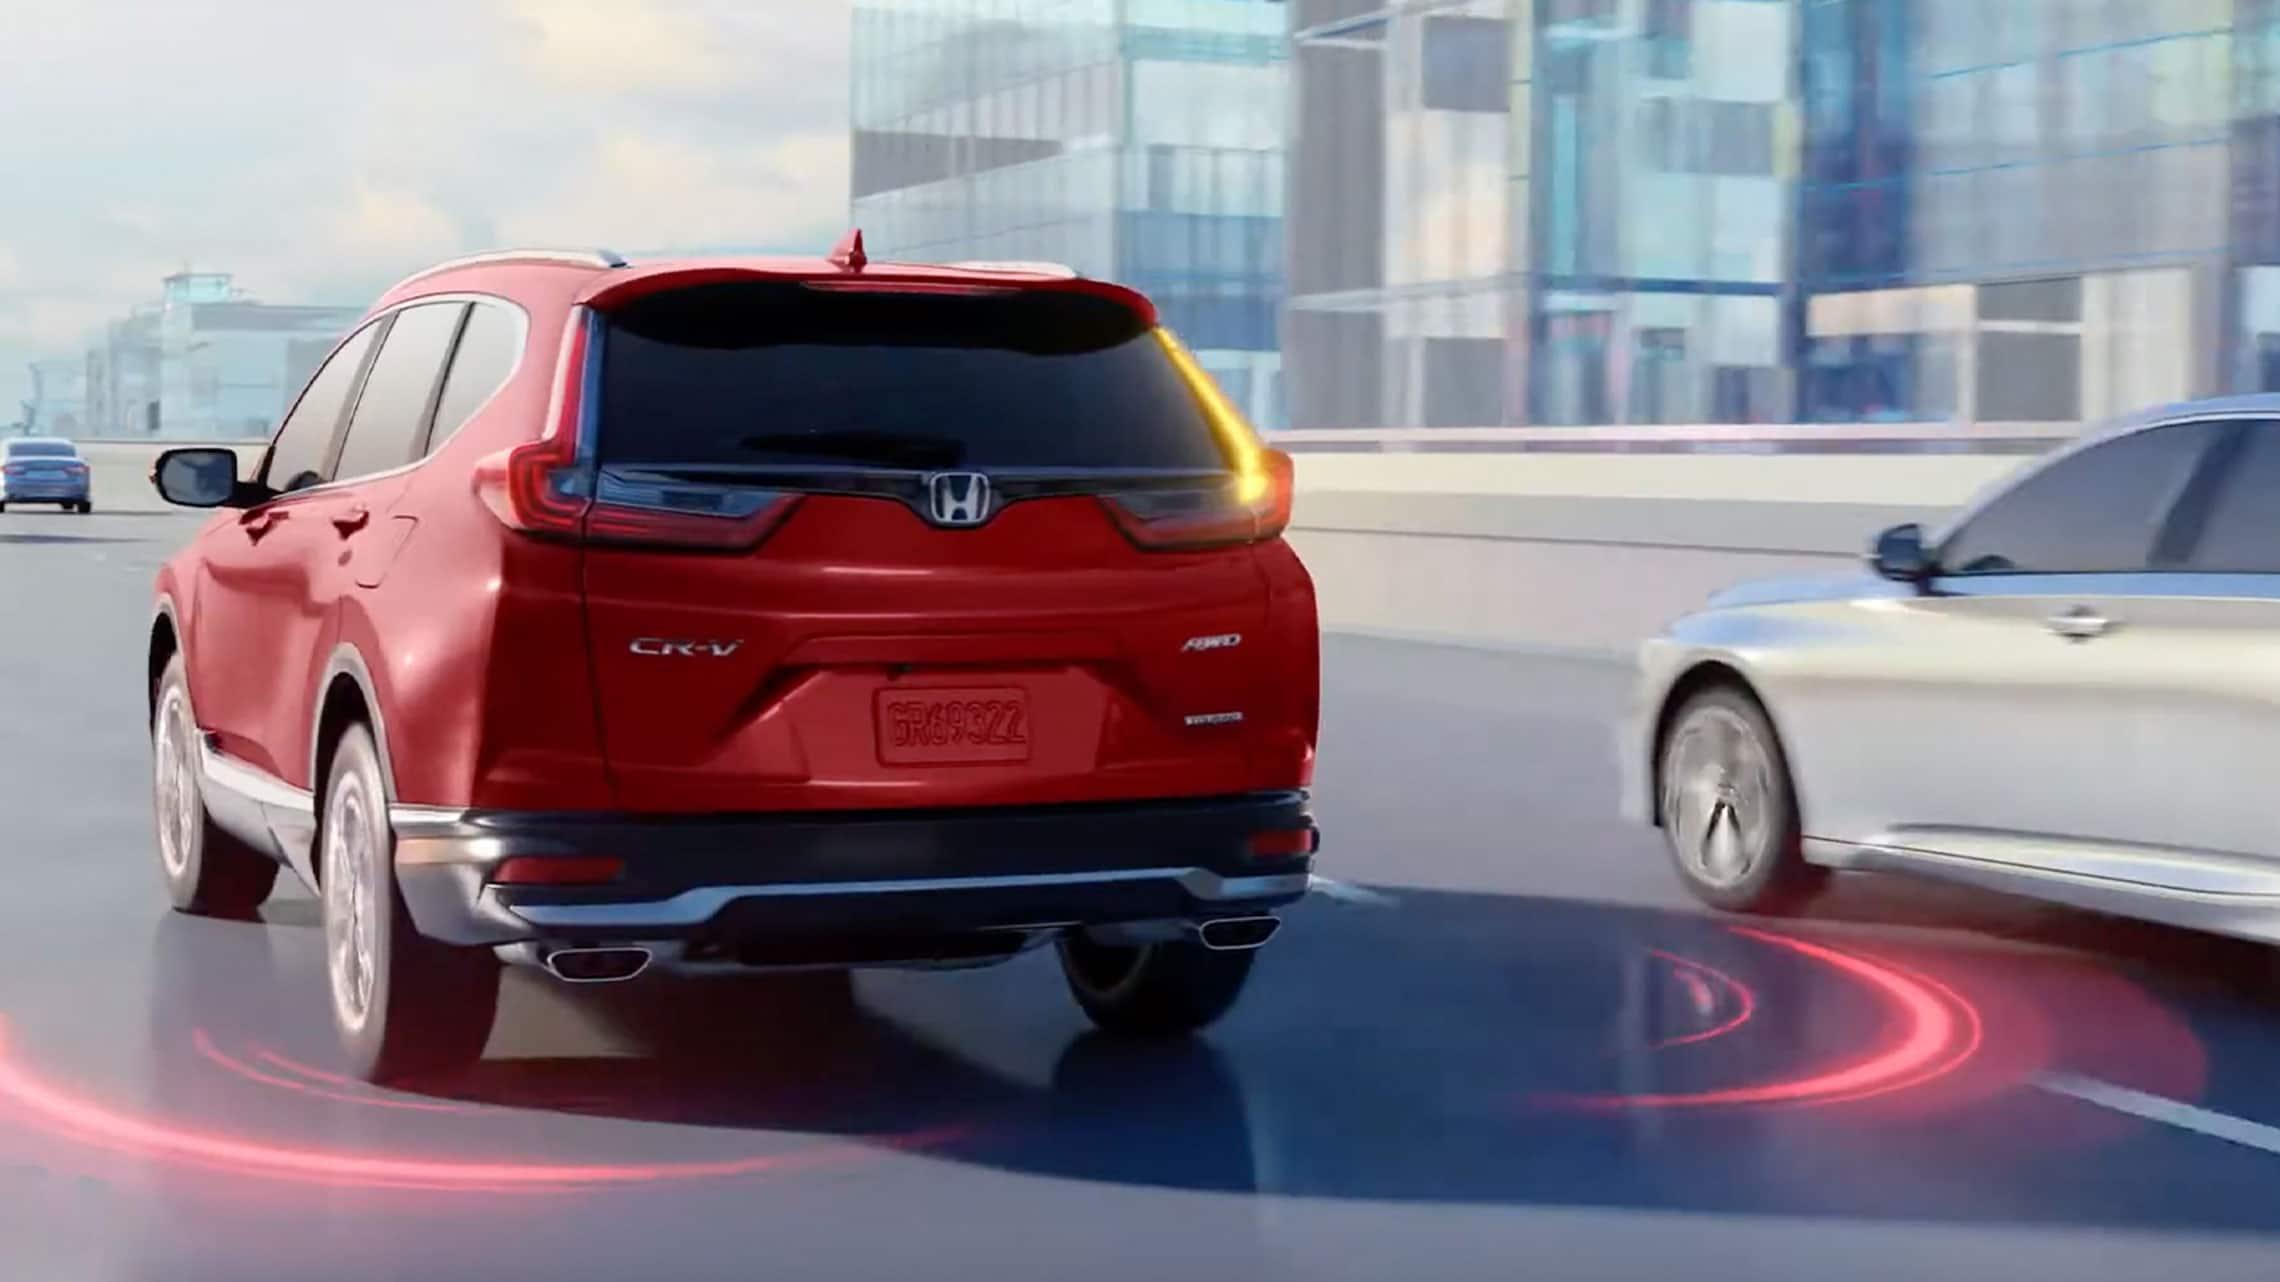 Vista trasera desde el lado del conductor de la Honda CR-V2021 en Radiant Red Metallic, conduciendo por una autopista, con una ilustración que muestra la característica del sistema de información de puntos ciegos.